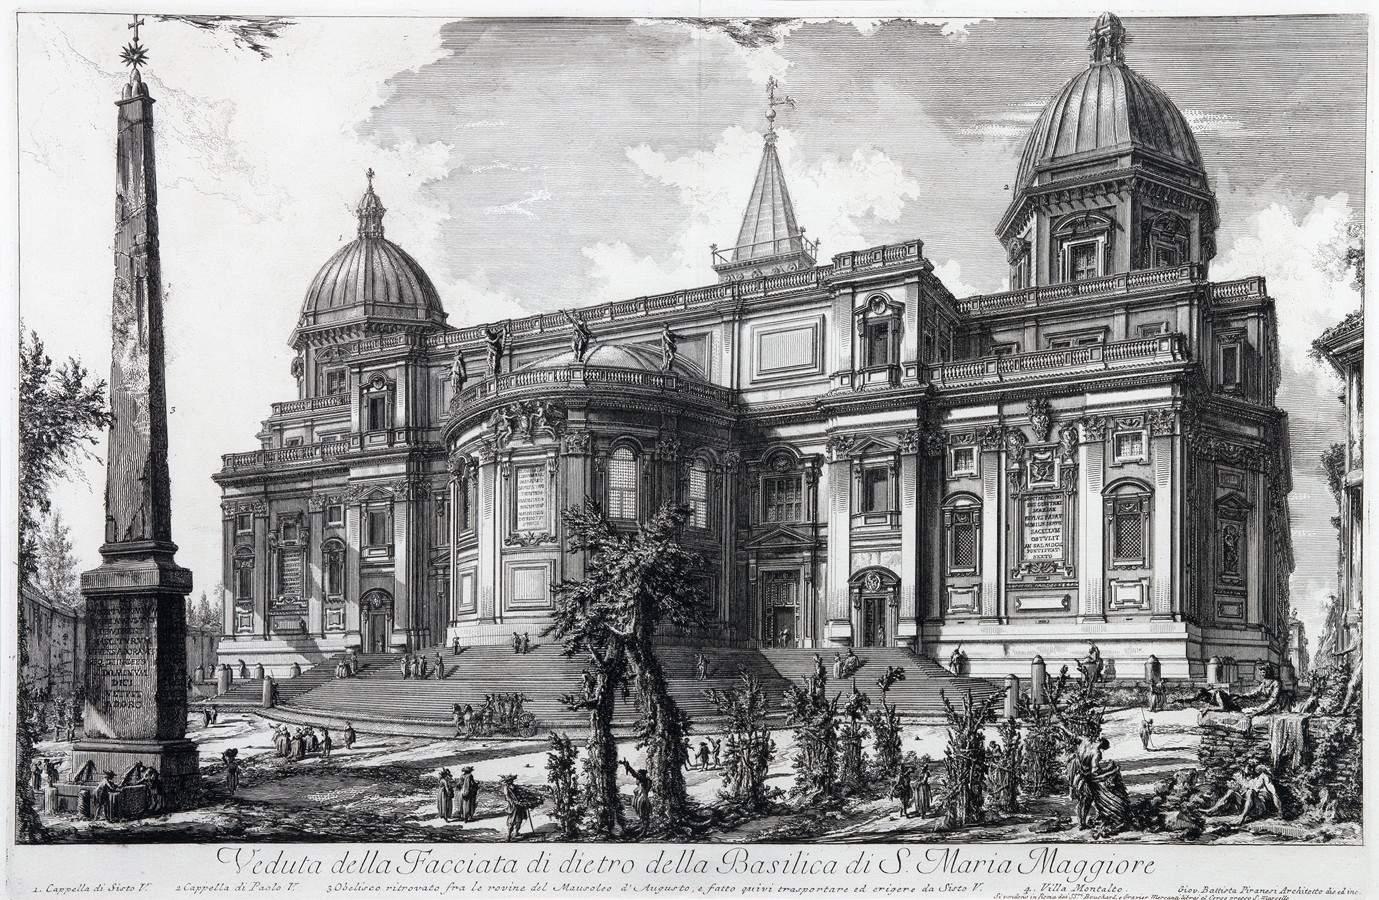 Giovanni Battista Piranesi. Veduta della Facciata di dietro della Basilica di S. Maria Maggiore.